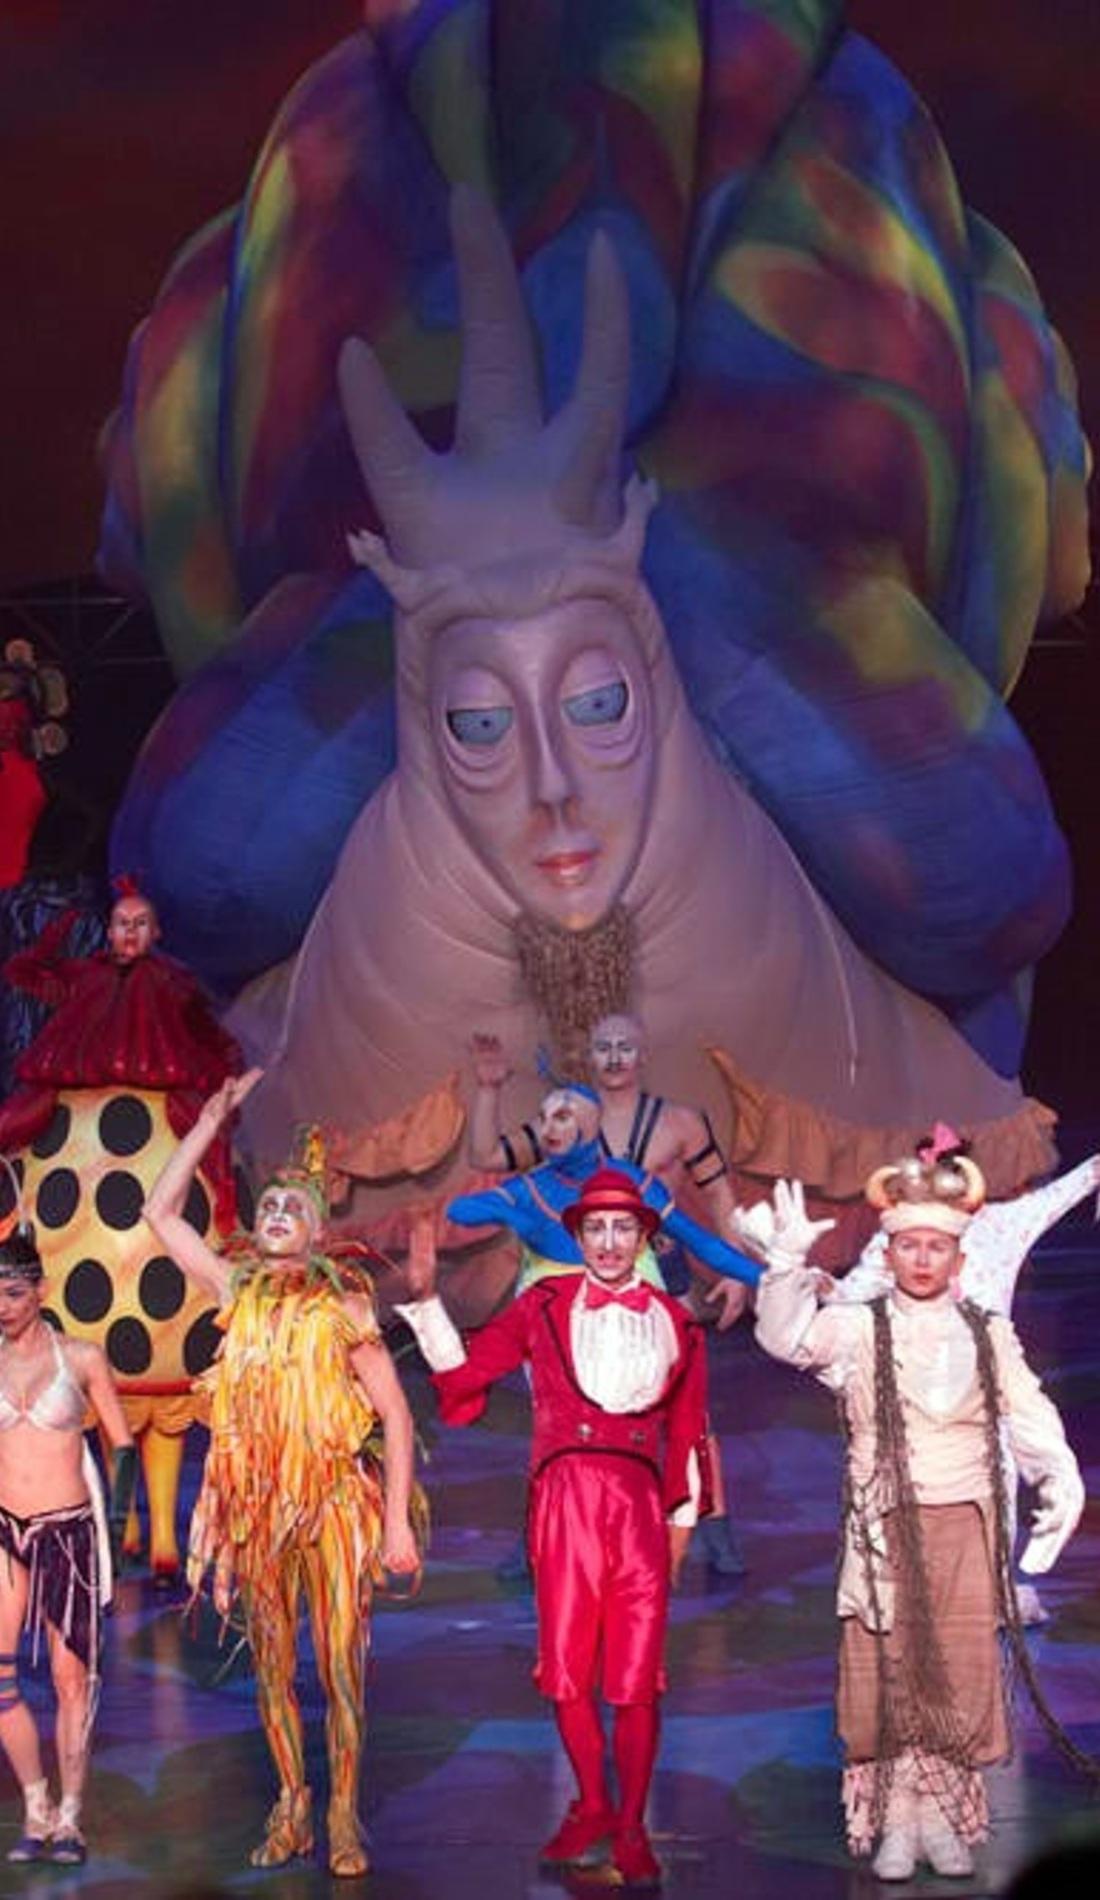 A Cirque du Soleil: Mystere live event